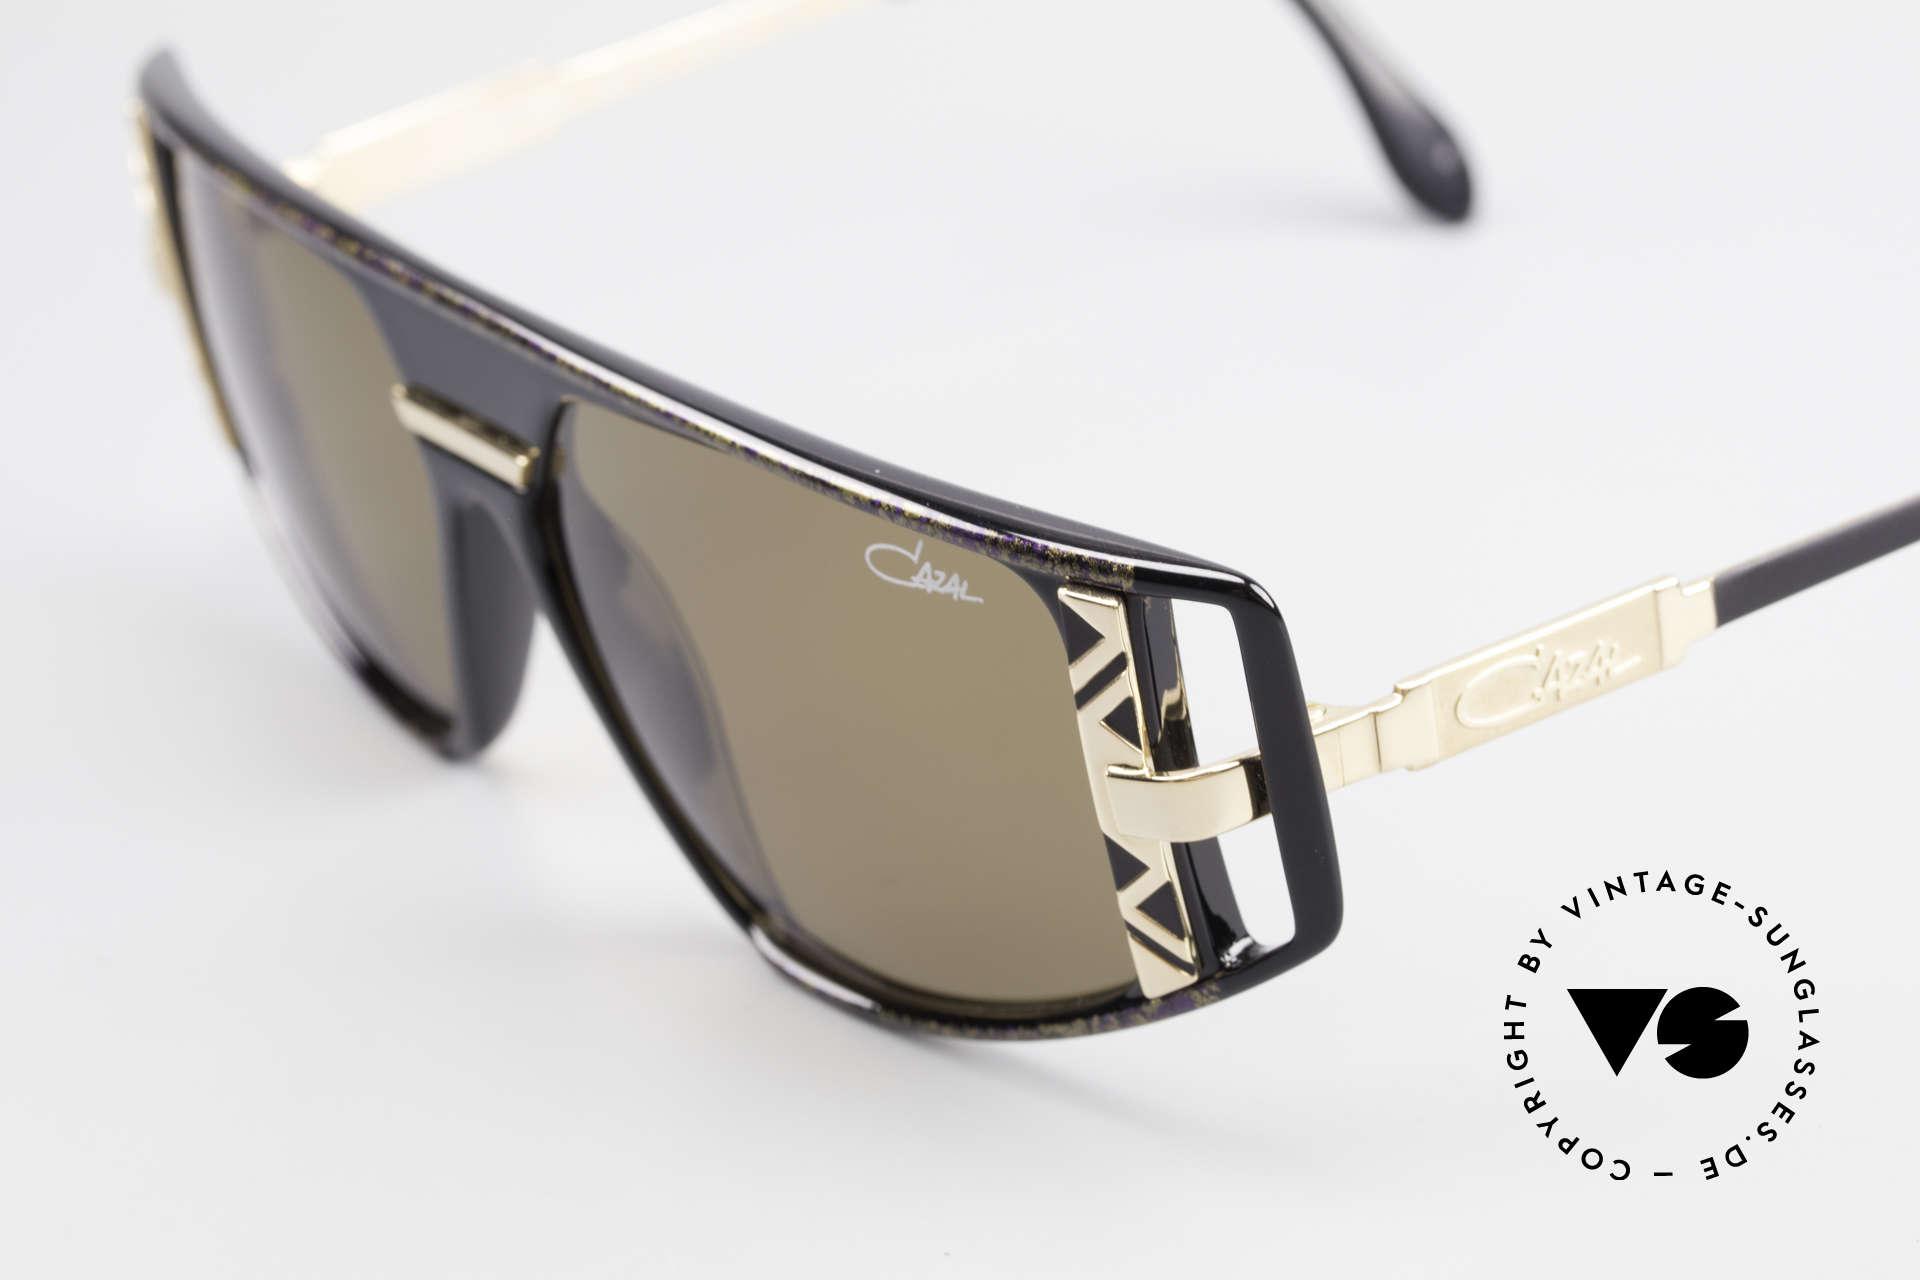 Cazal 874 Legendäre 90er Sonnenbrille, getragen von Lady Gaga (MTV-Interview 12 / 2009), Passend für Herren und Damen